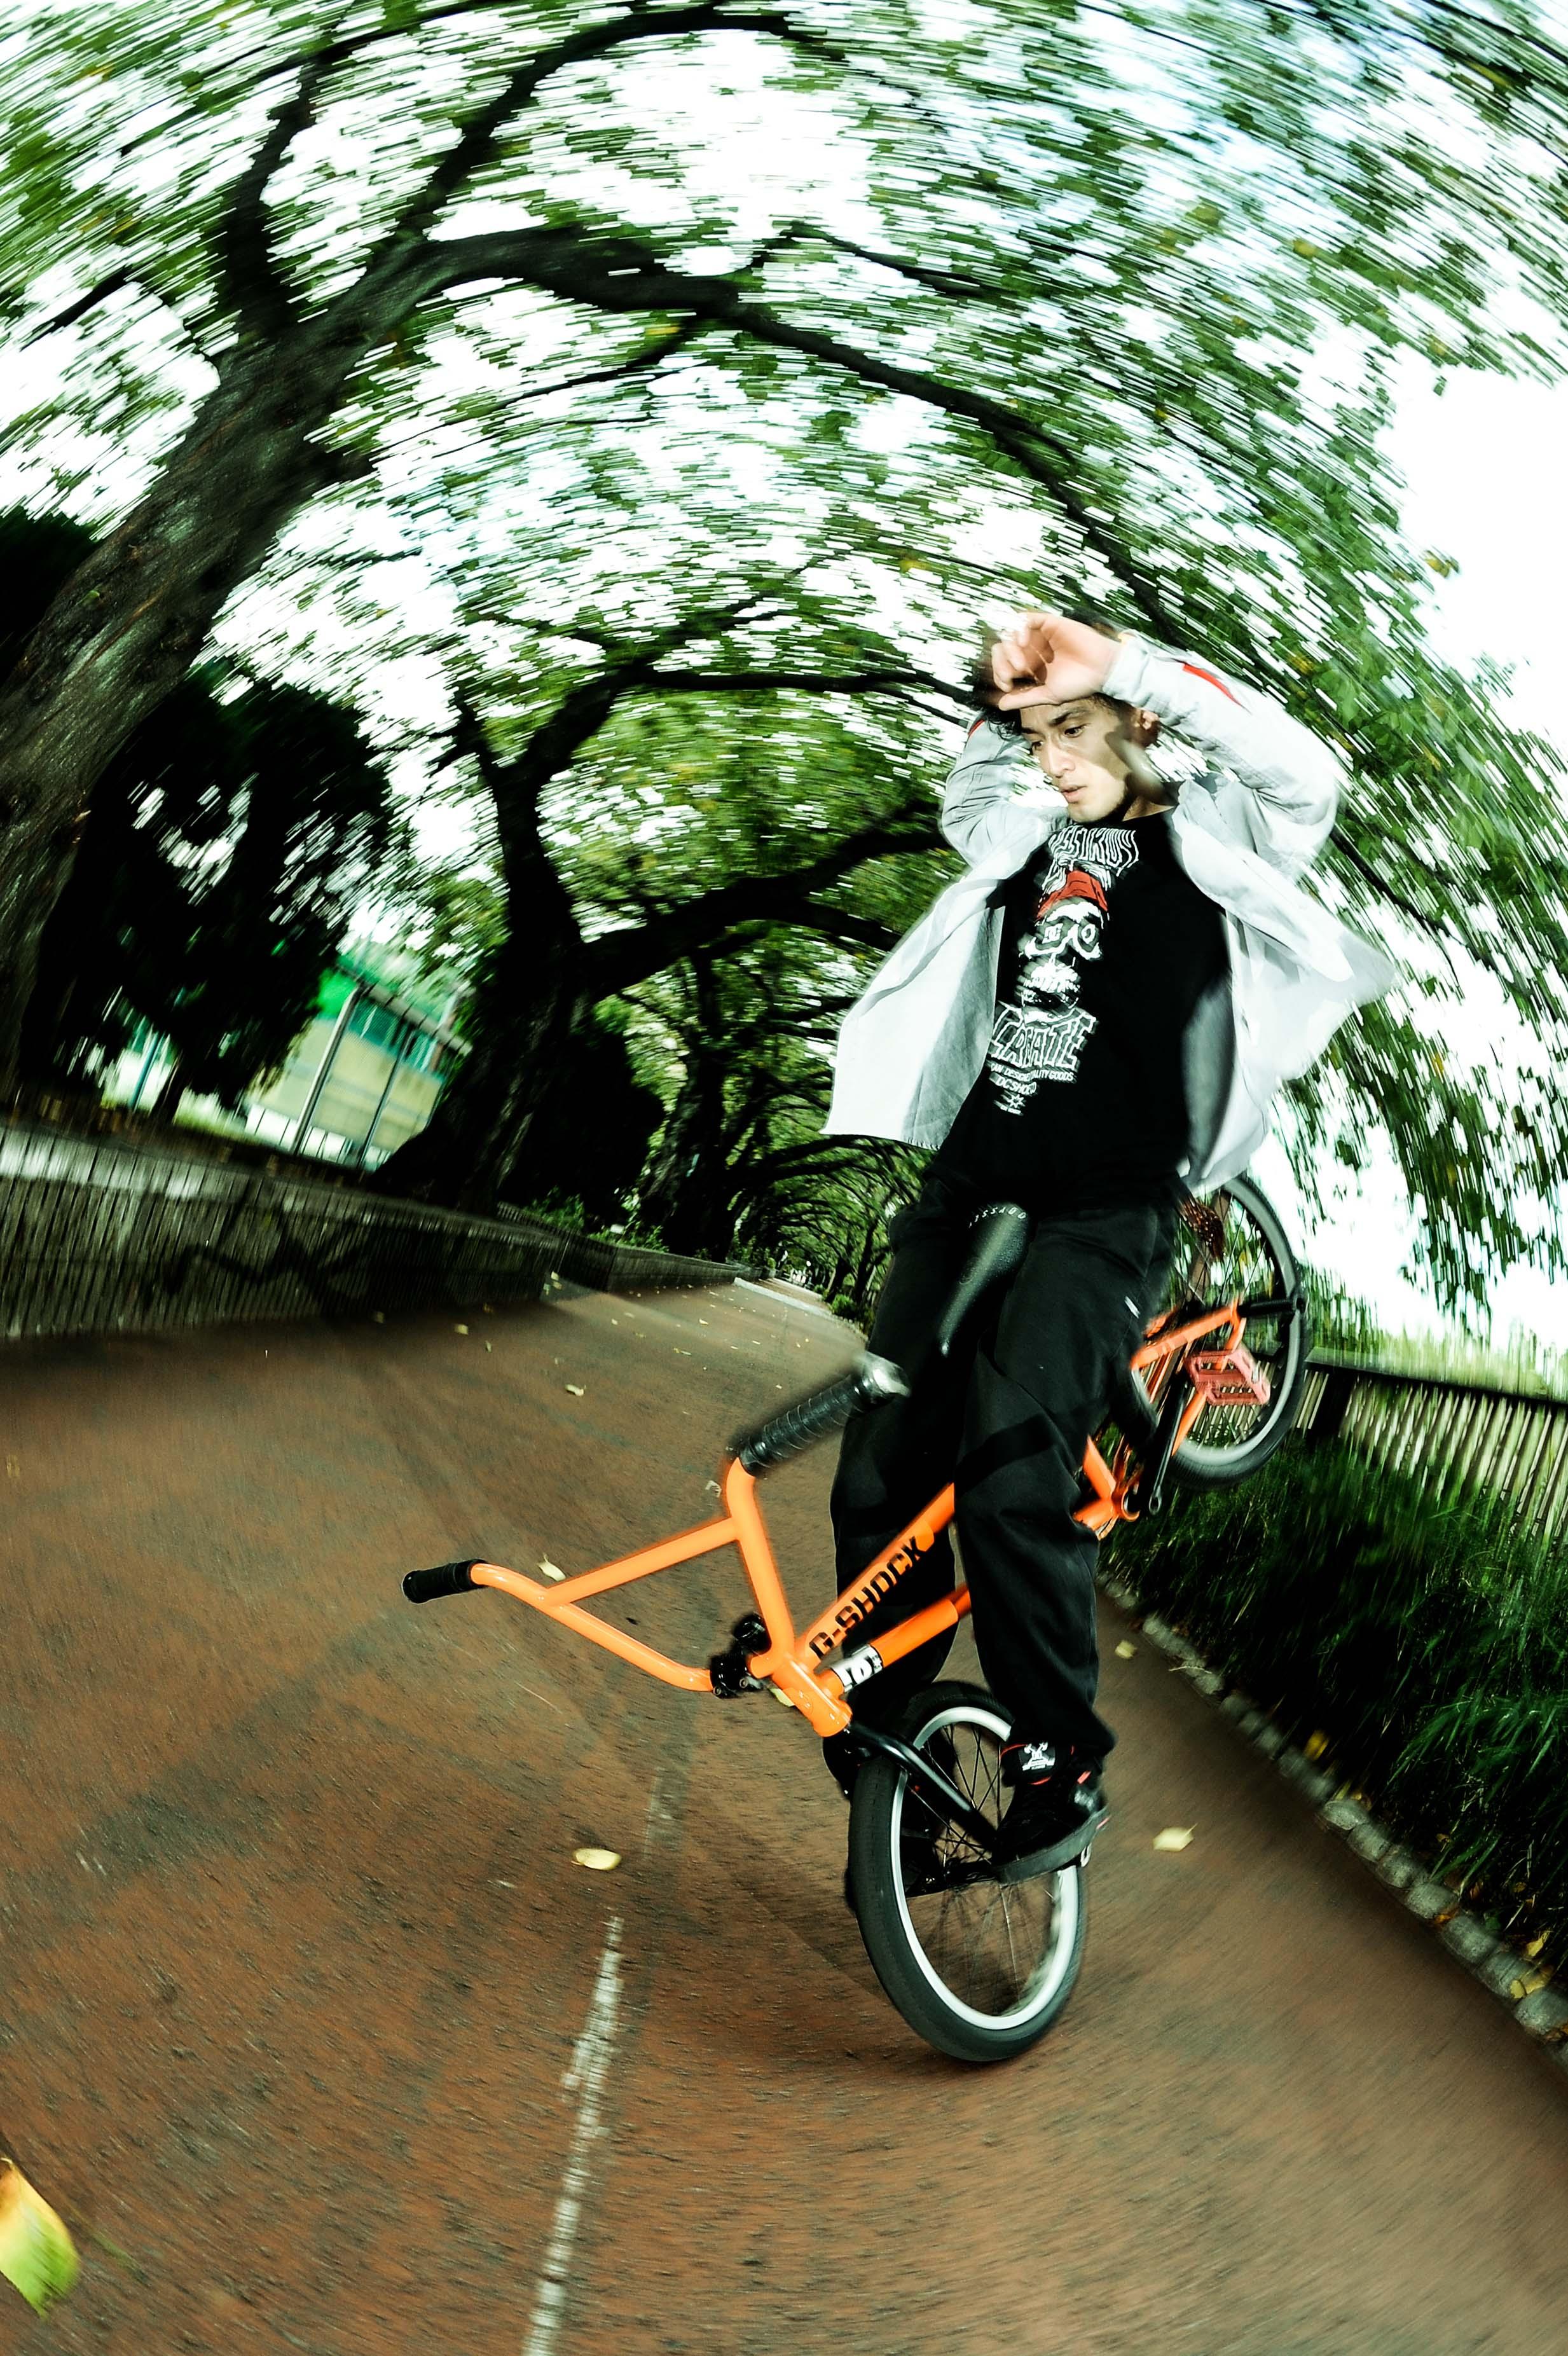 rider : TSUTOMU KITAYAMA